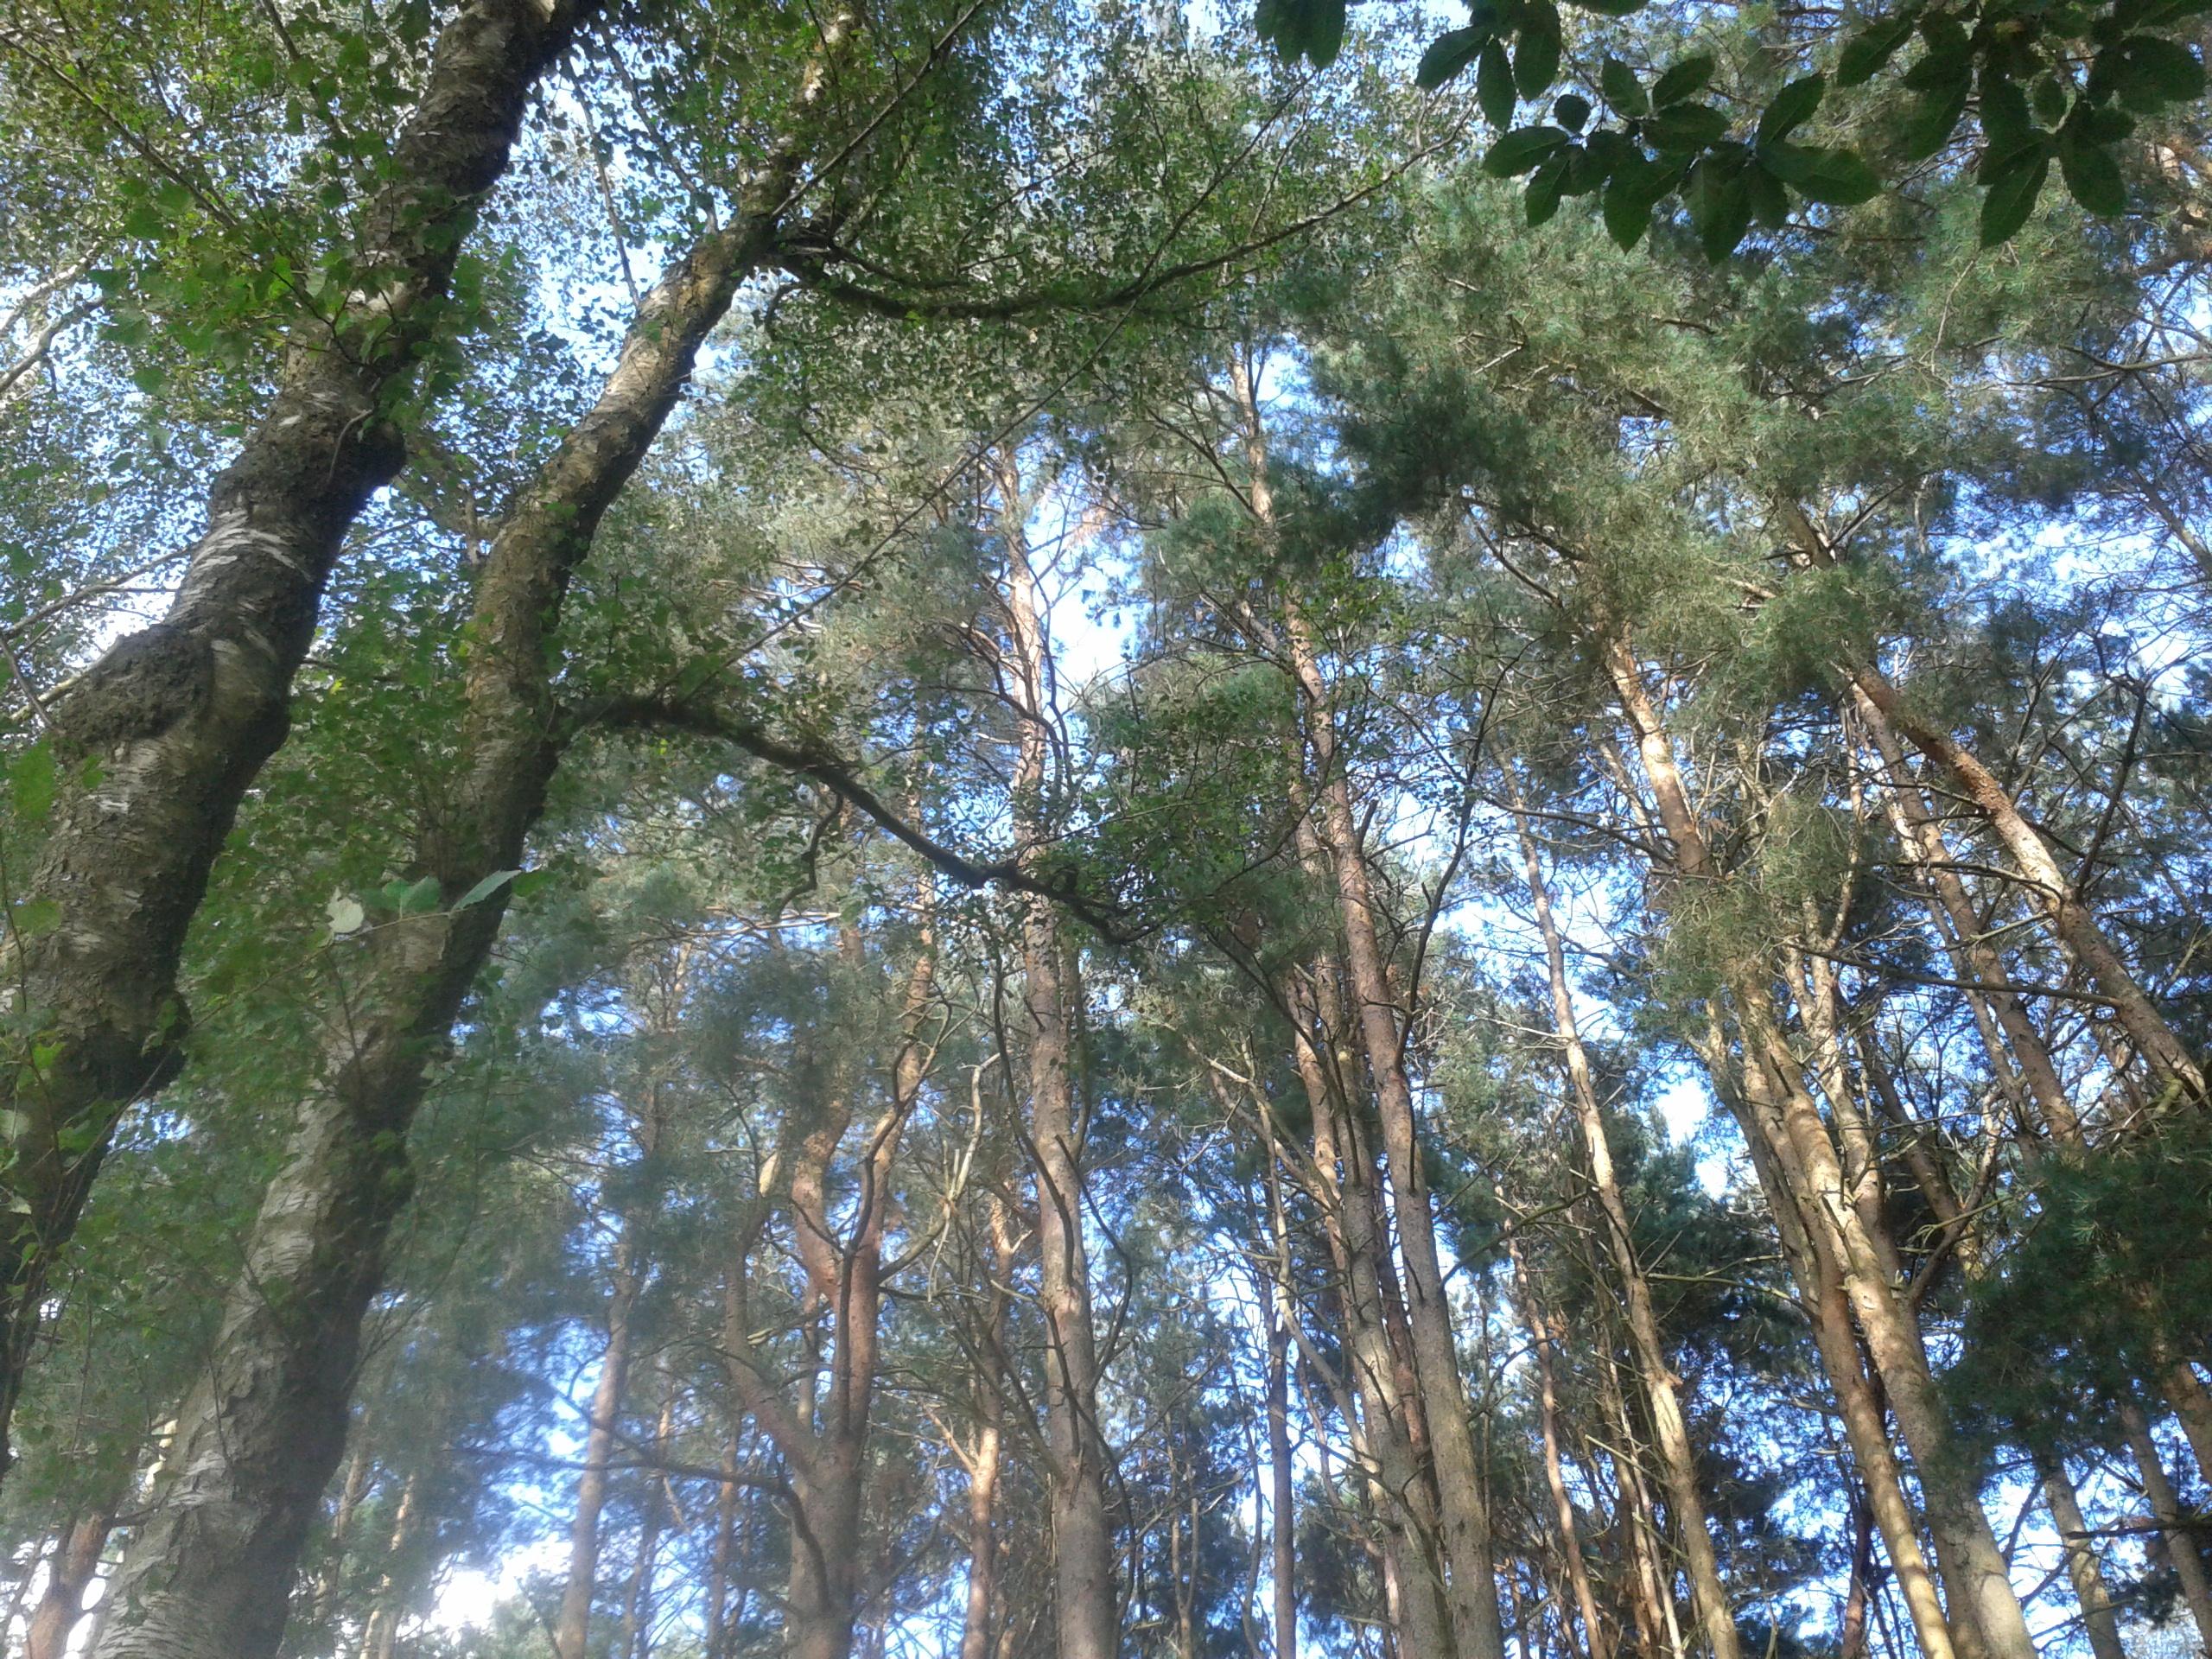 Tilgate Park trees